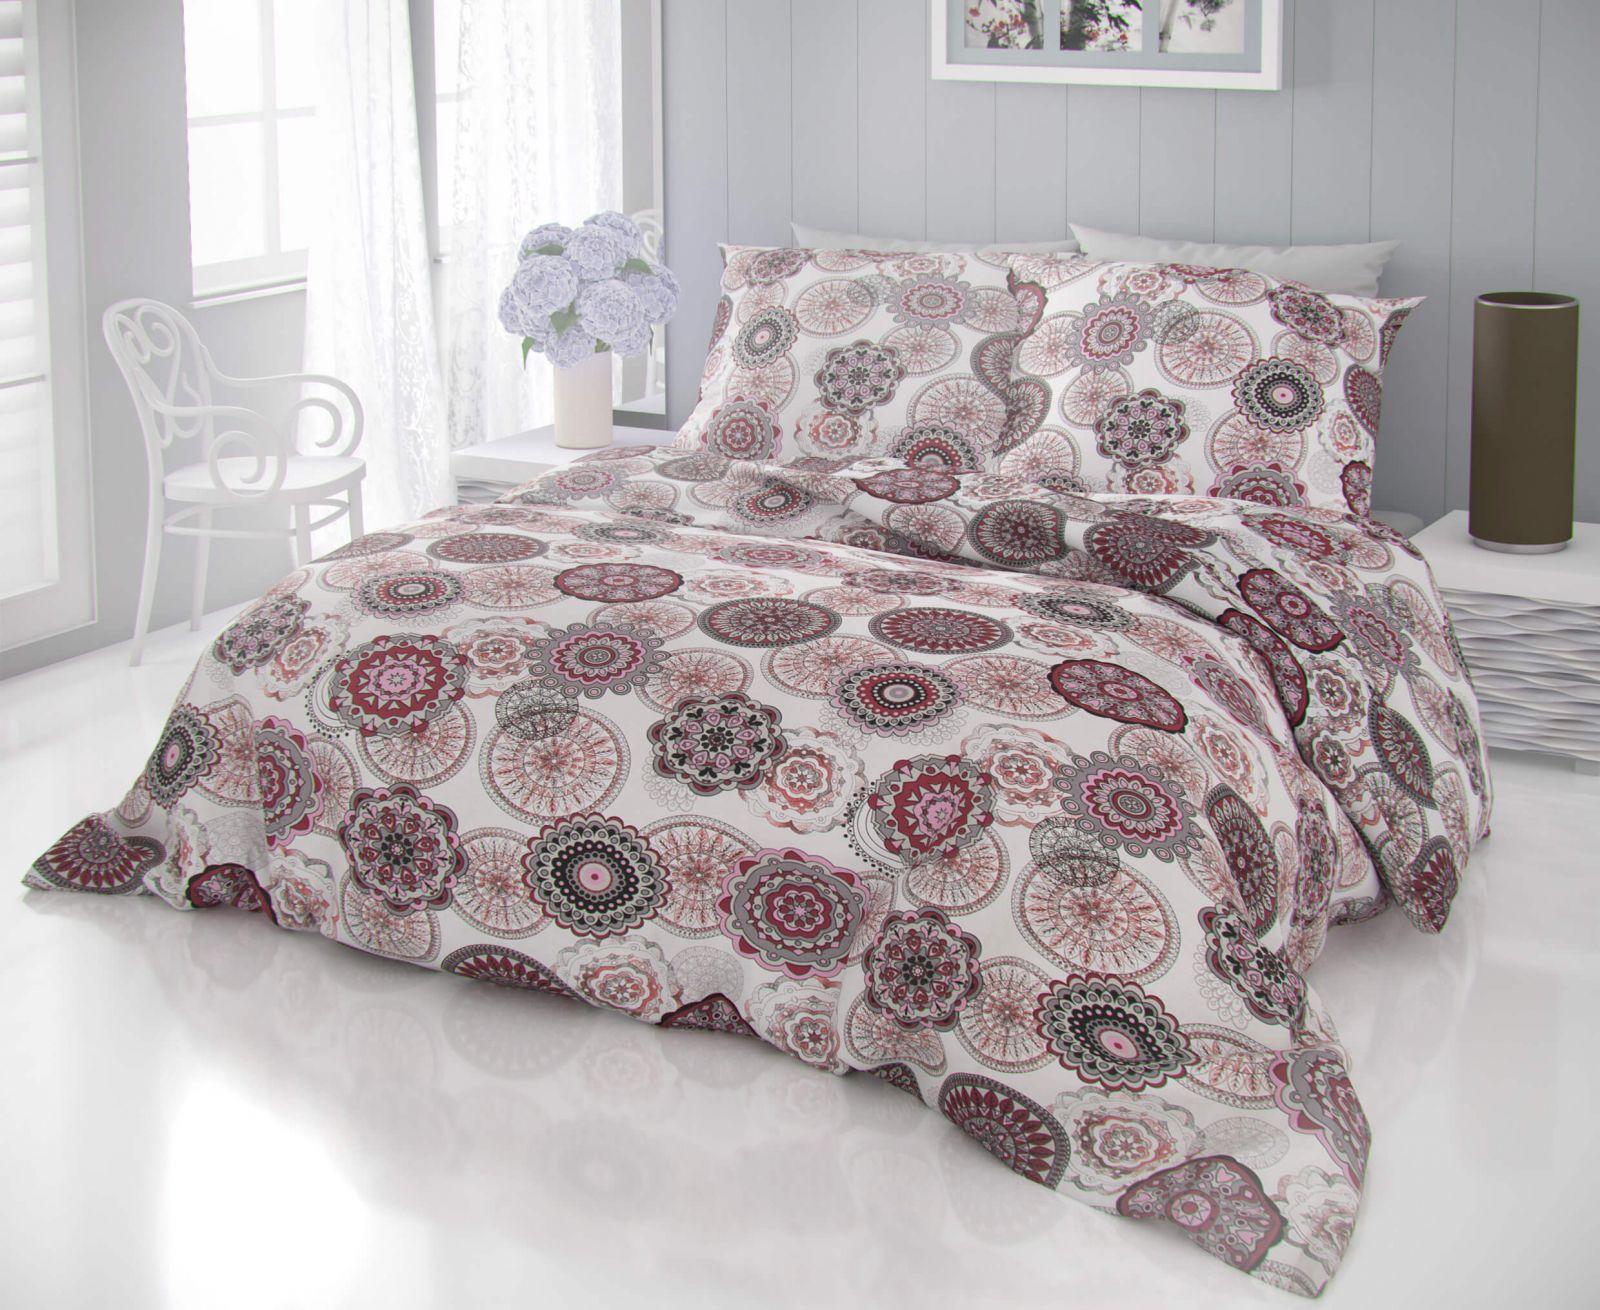 Kvalitné bavlnené obliečky so vzorom ornamentov červene a ružove farby DELUX Zatar červená Kvalitex